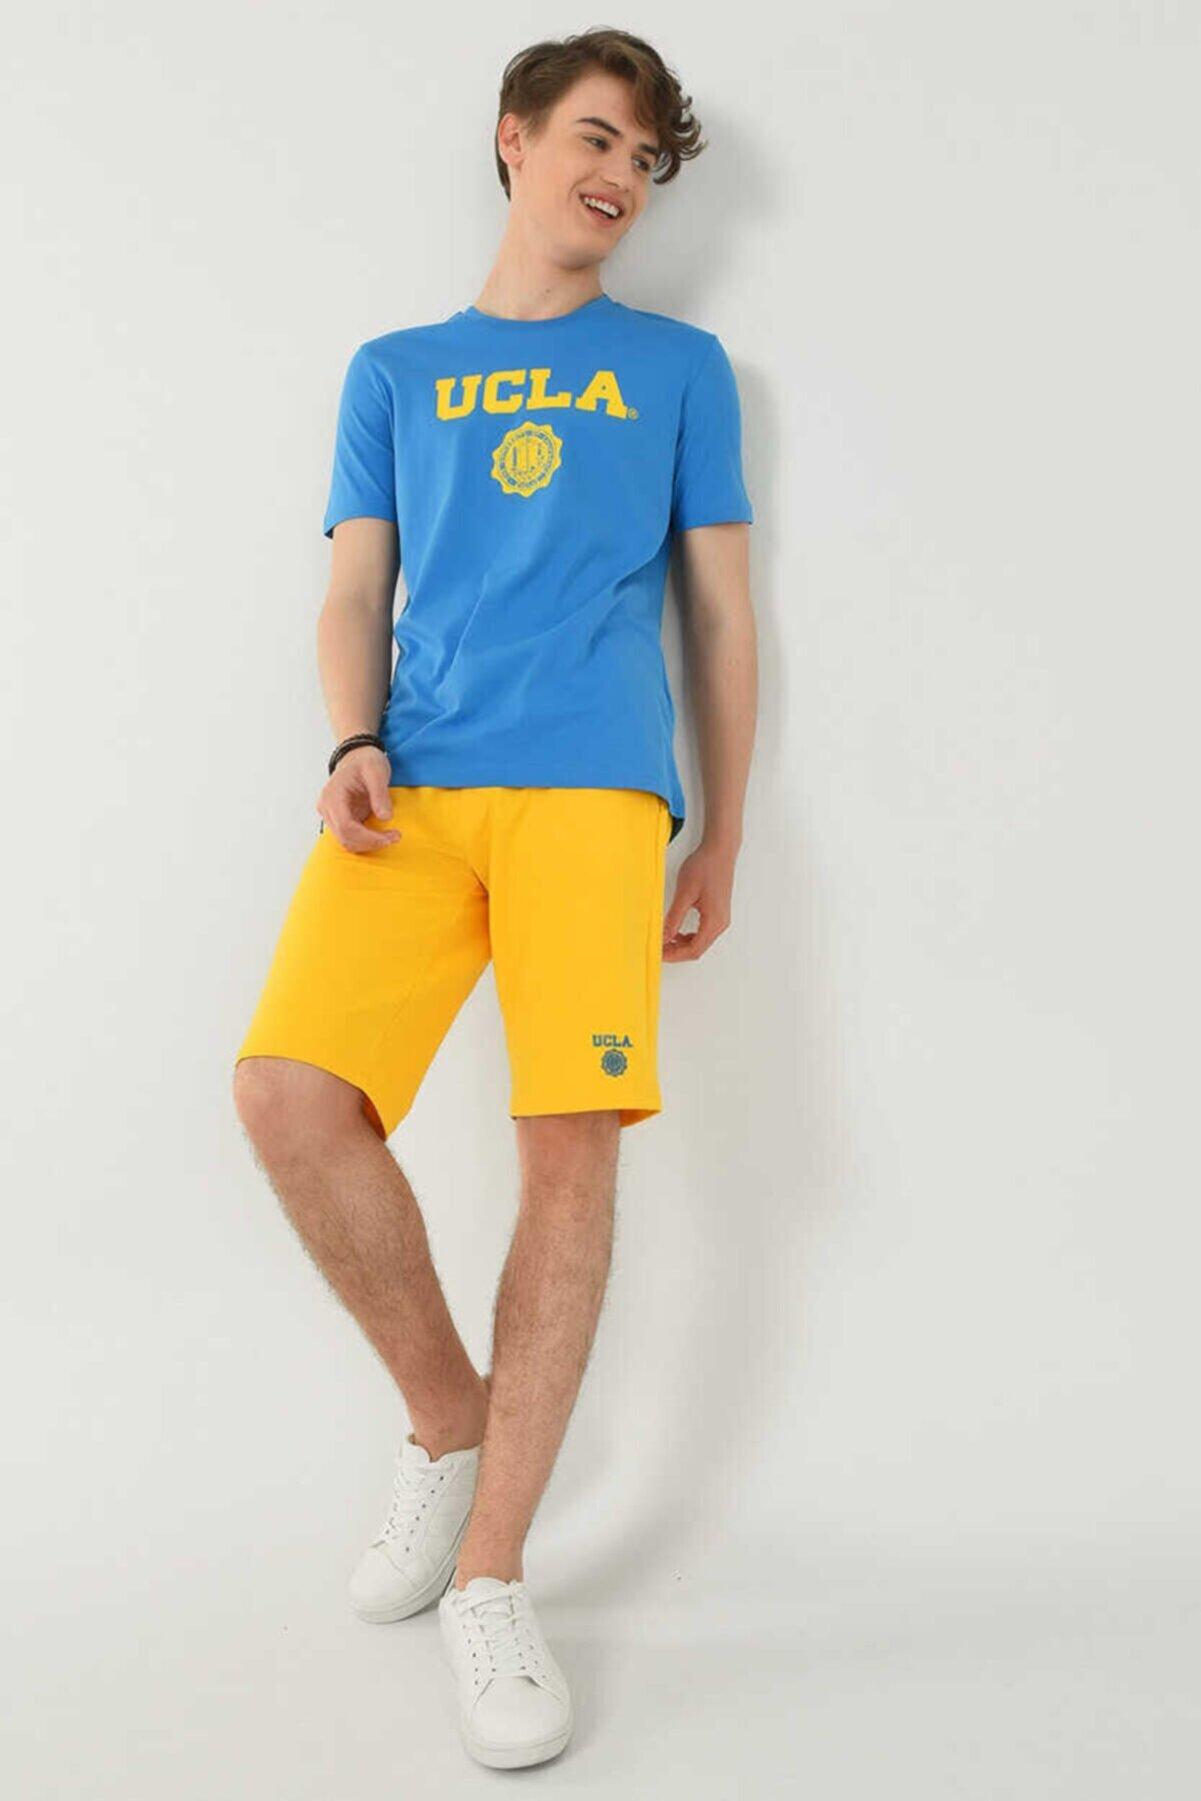 Ucla Gayley Mavi Bisiklet Yaka Erkek T-shirt